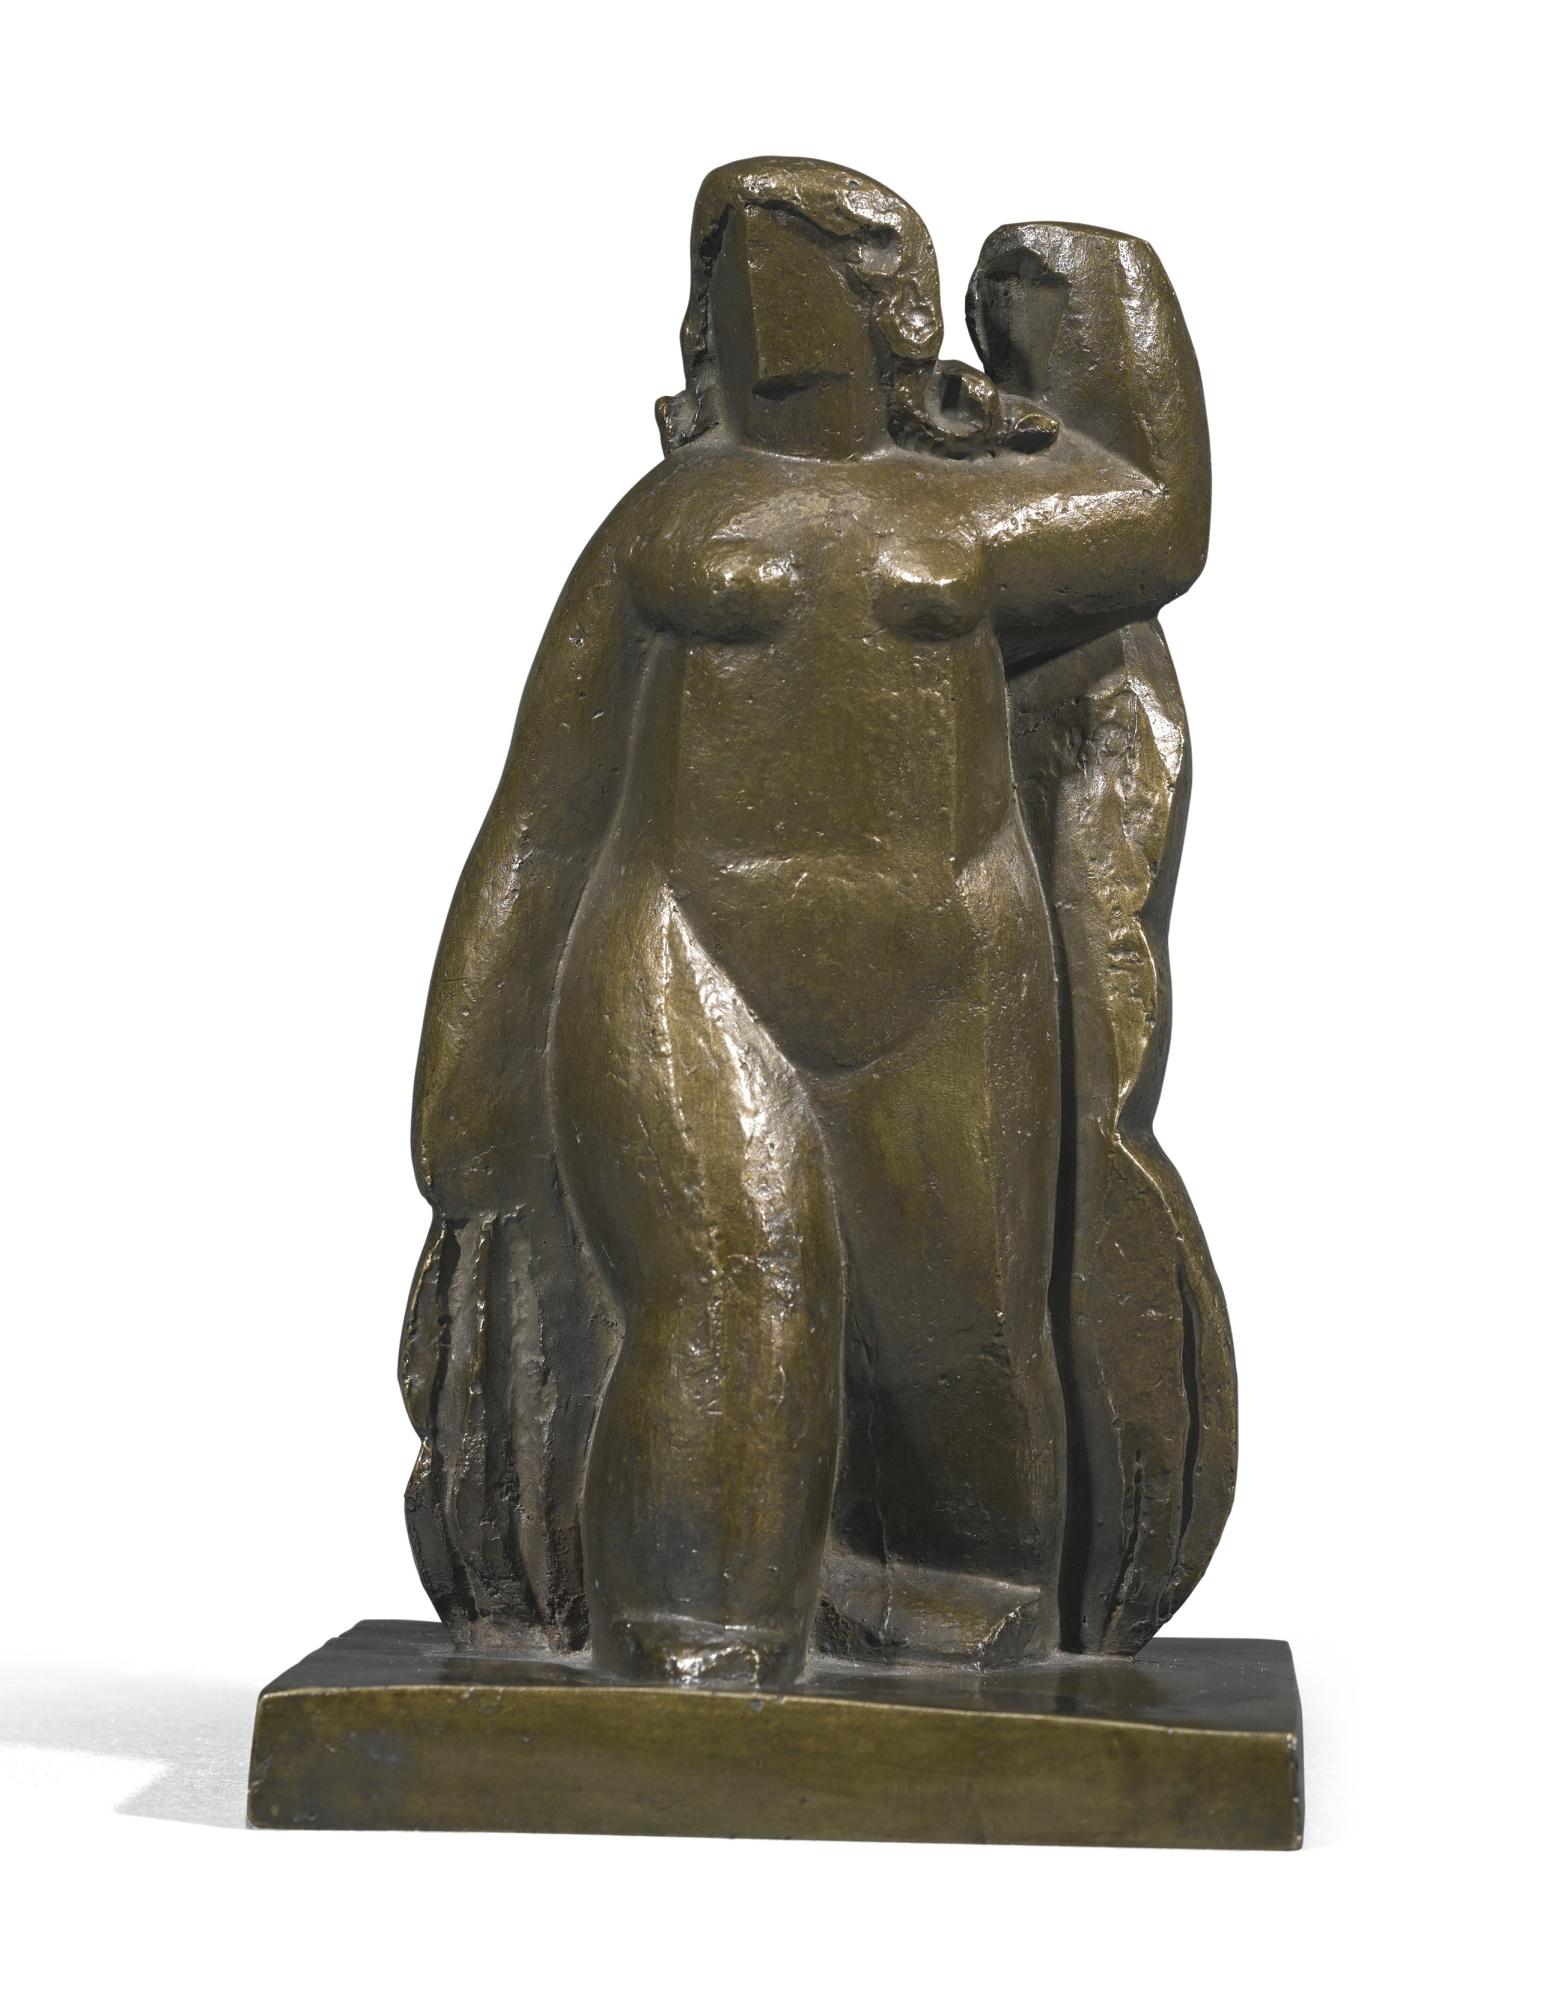 Henri Laurens-Femme A La Draperie Debout-1929